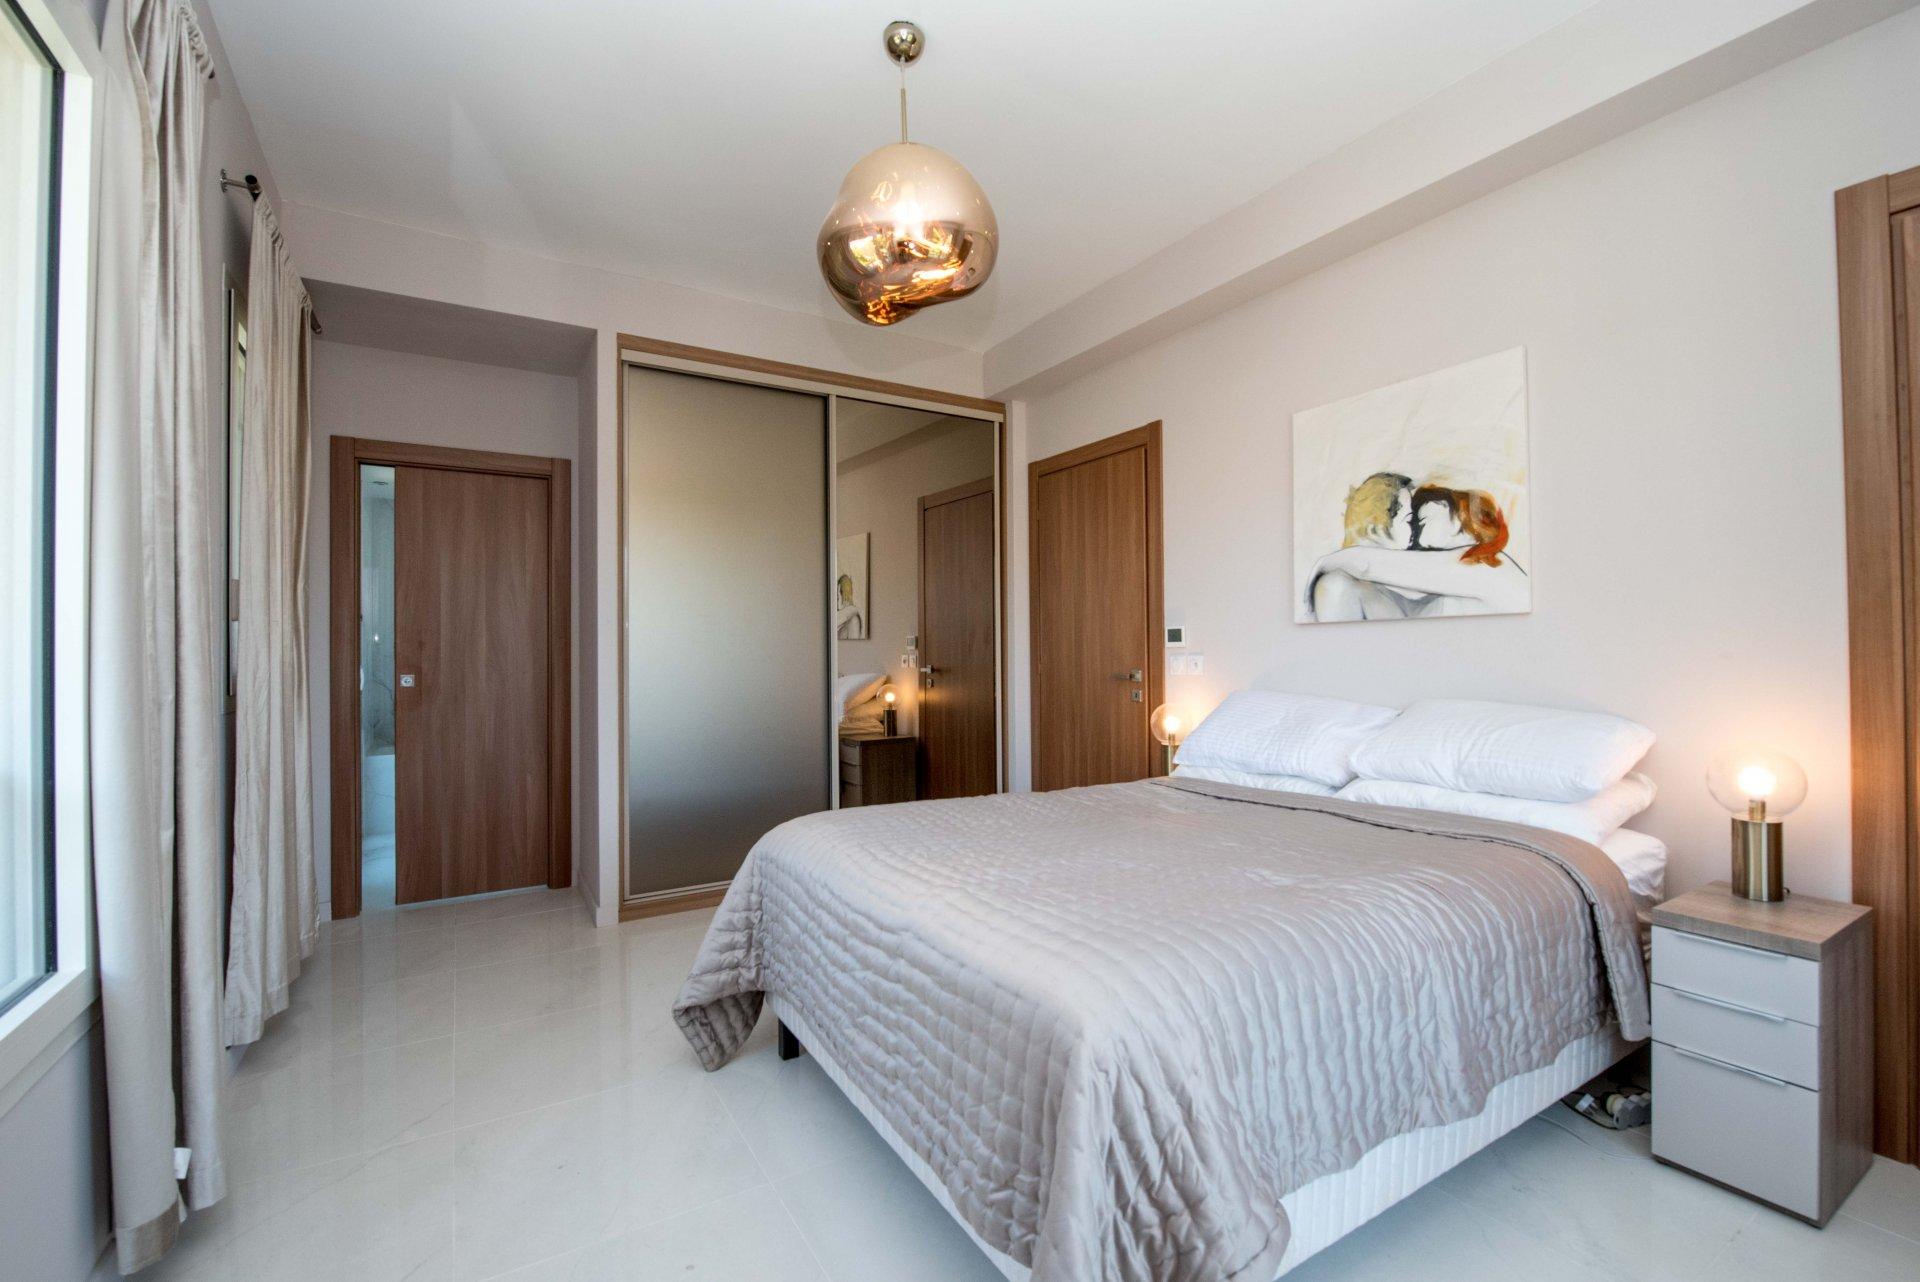 Luxueux 4 Pièces Début Cap Antibes 100.70 m²